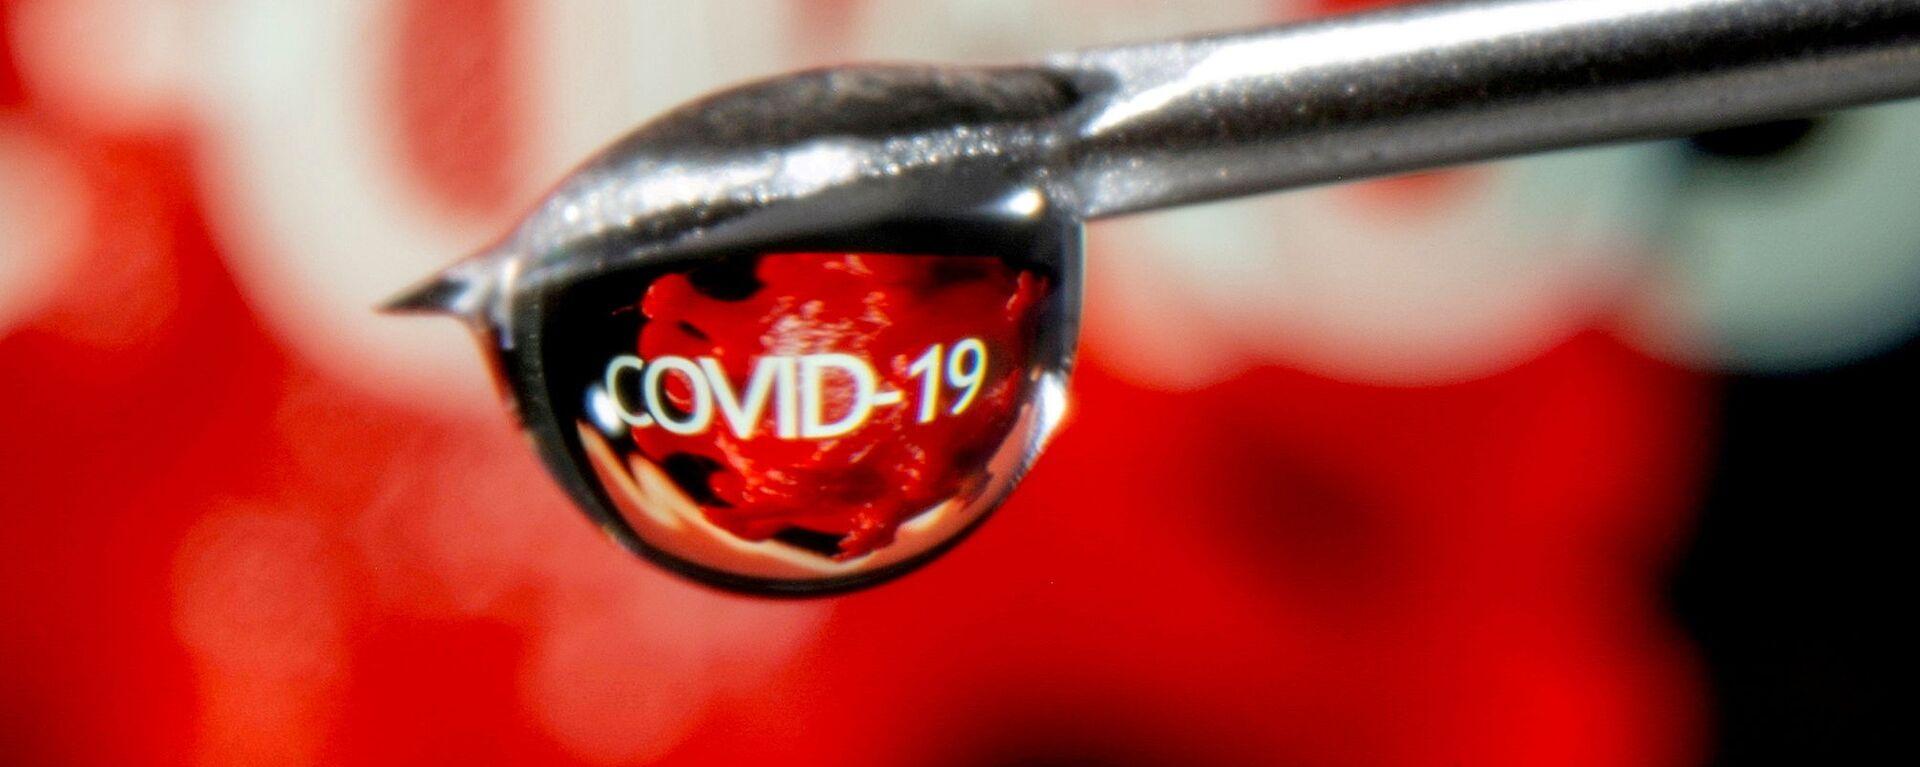 Từ COVID-19 phản ánh trong một giọt ở đầu ống kim tiêm - Sputnik Việt Nam, 1920, 02.07.2021